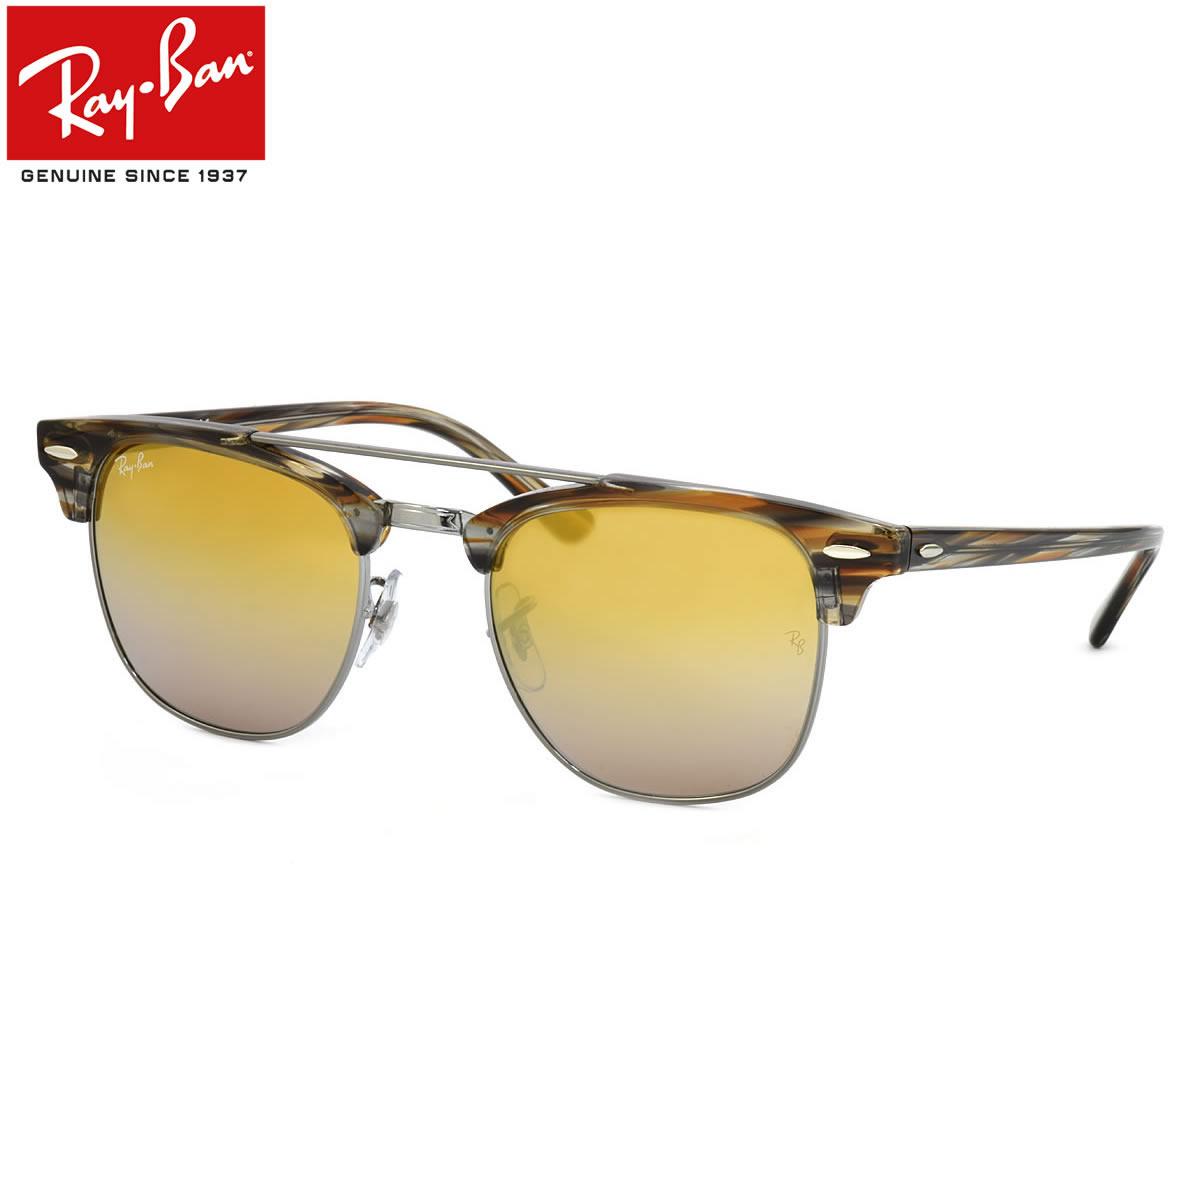 Ray-Ban レイバン サングラス RB3816 1238I3 51サイズ CLUBMASTER DOUBLE BRIDGE クラブマスター ダブルブリッジ スクエア サーモントブロー ダブルブリッジ ミラー レイバン RayBan メンズ レディース